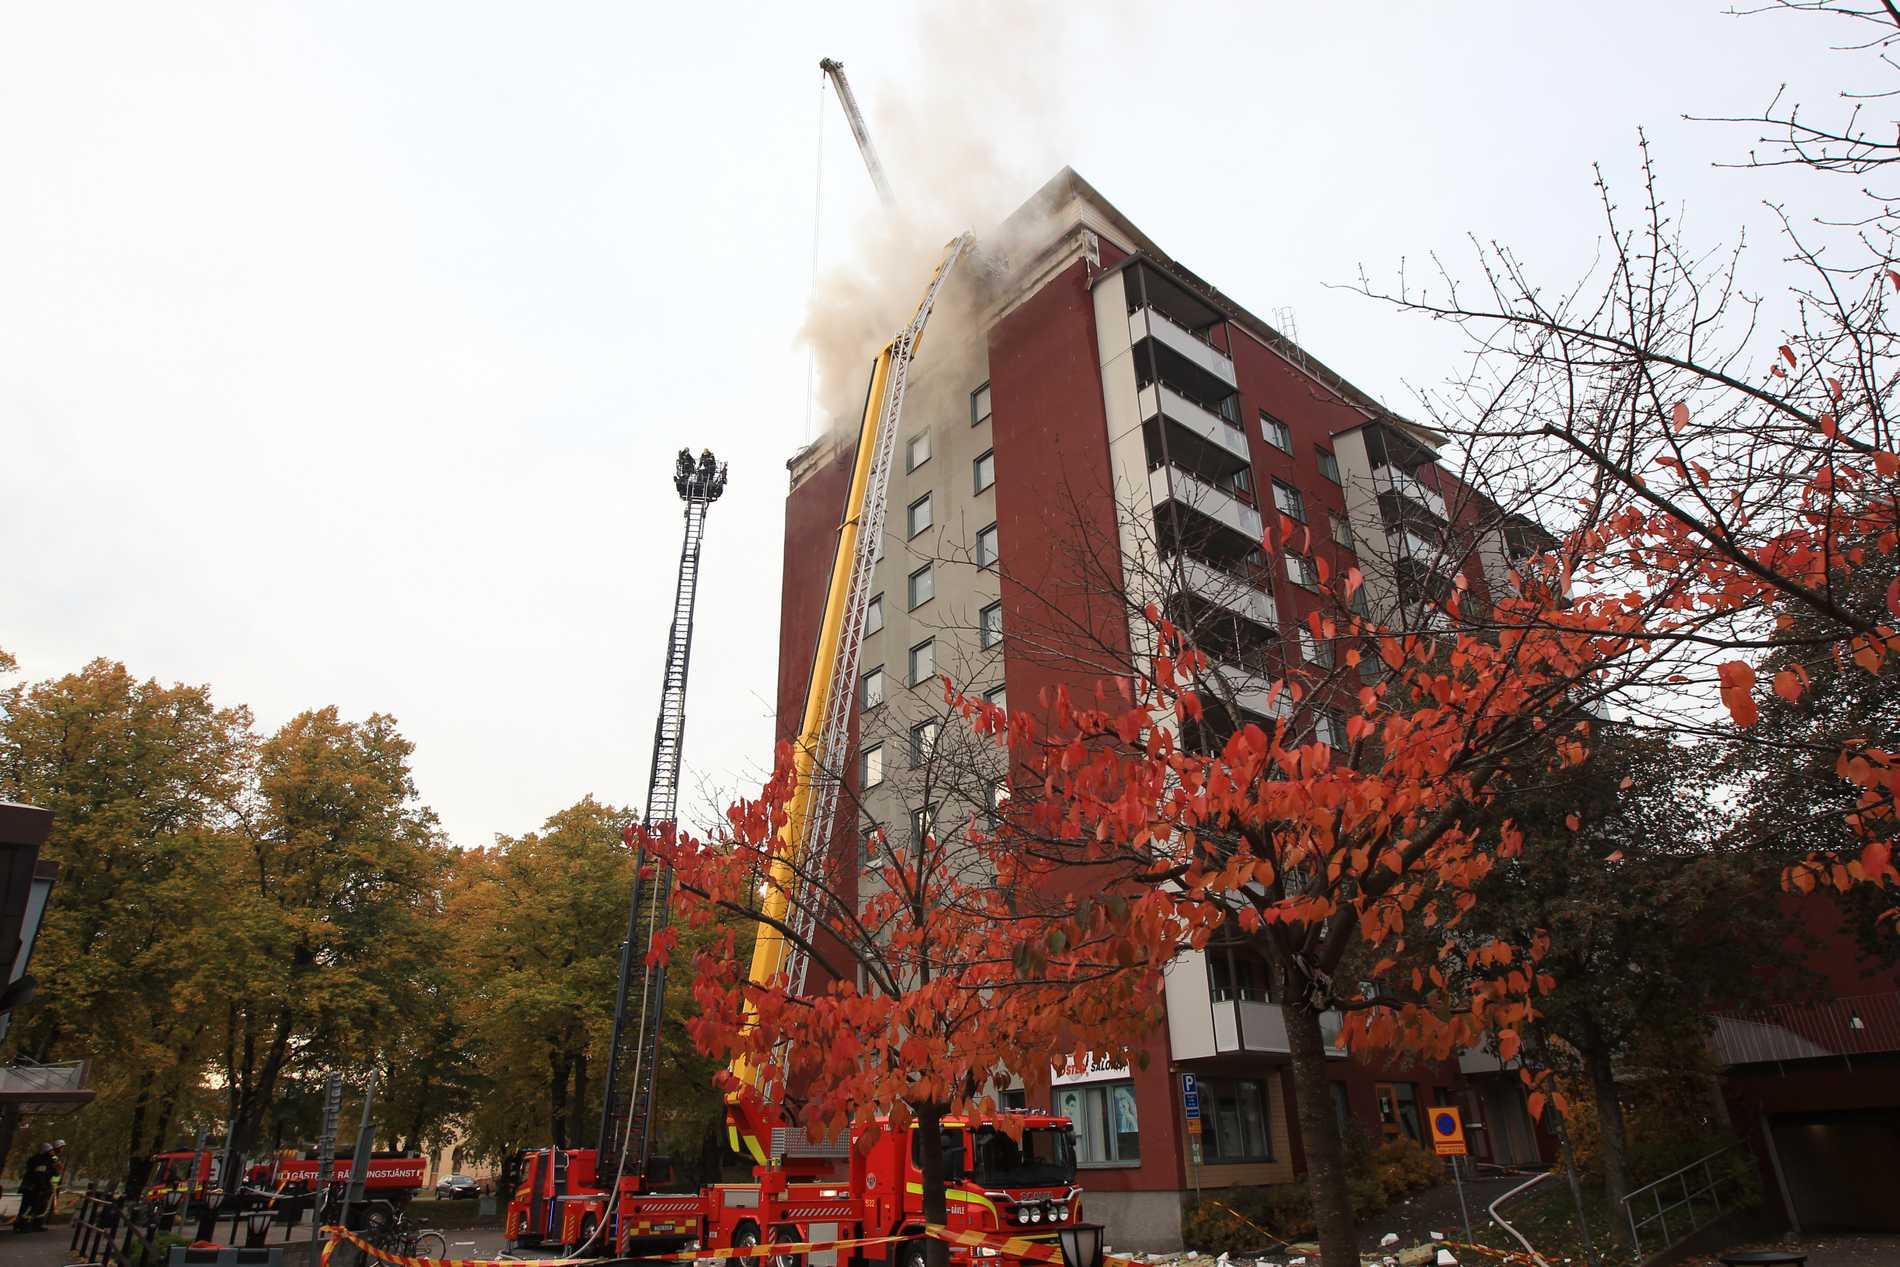 瑞典一公寓楼发生火灾 警方将其列为严重纵火案